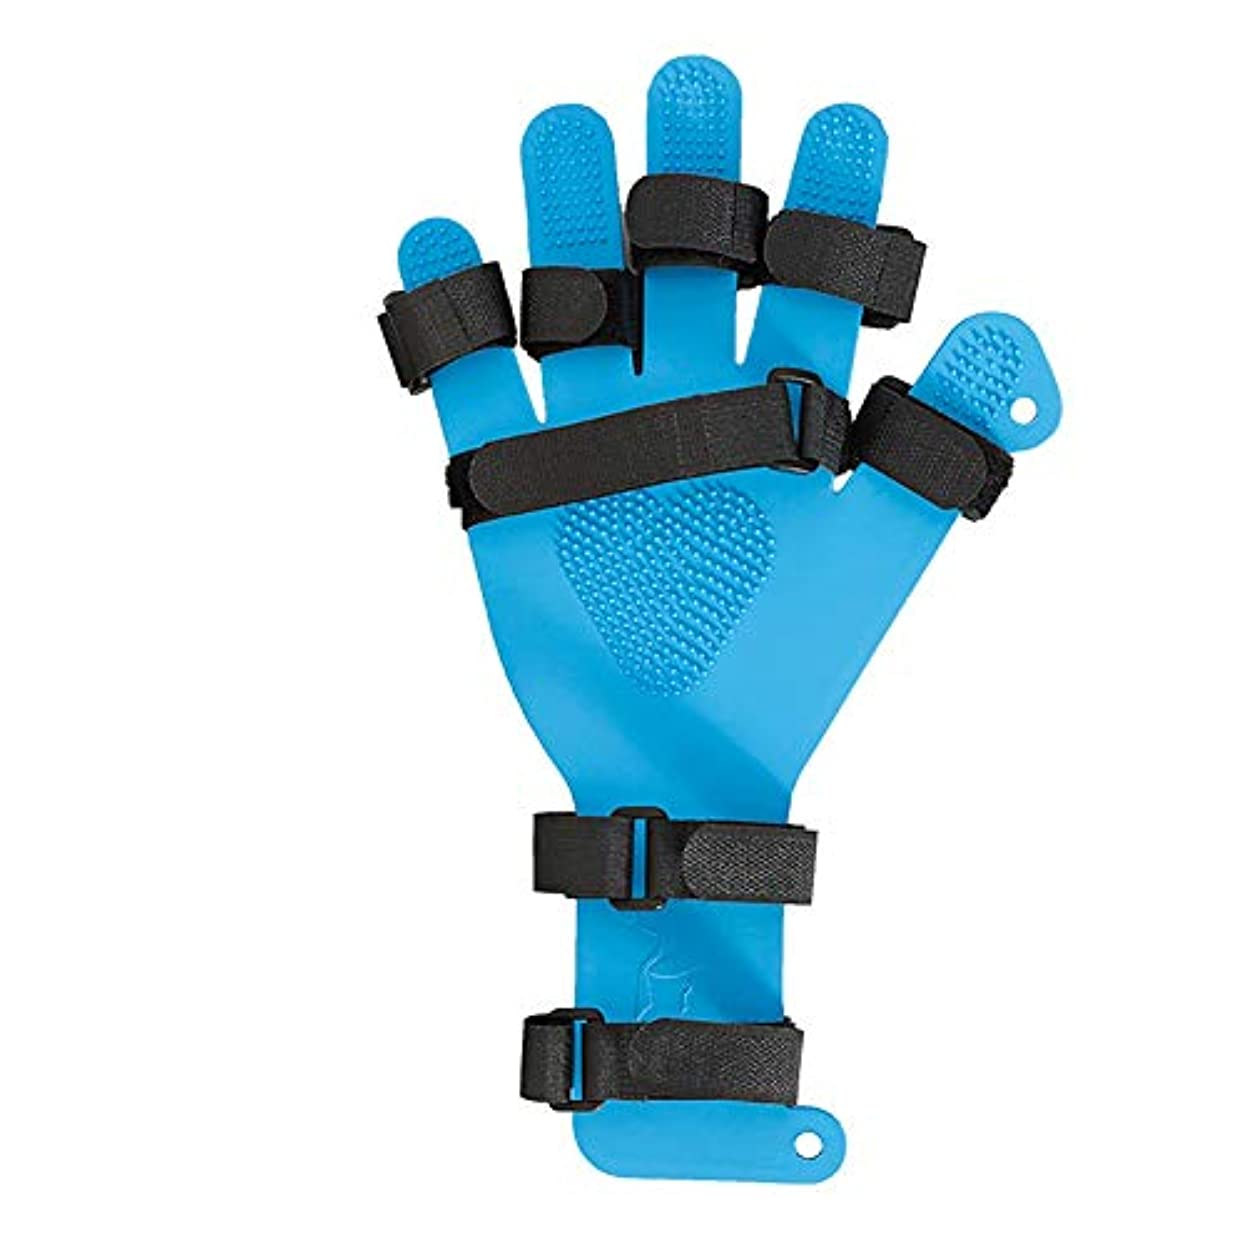 火約設定魅惑的などちらの手のための手の手首のトレーニング装具調節可能指セパレーター拡張ボード - (Size : Child)